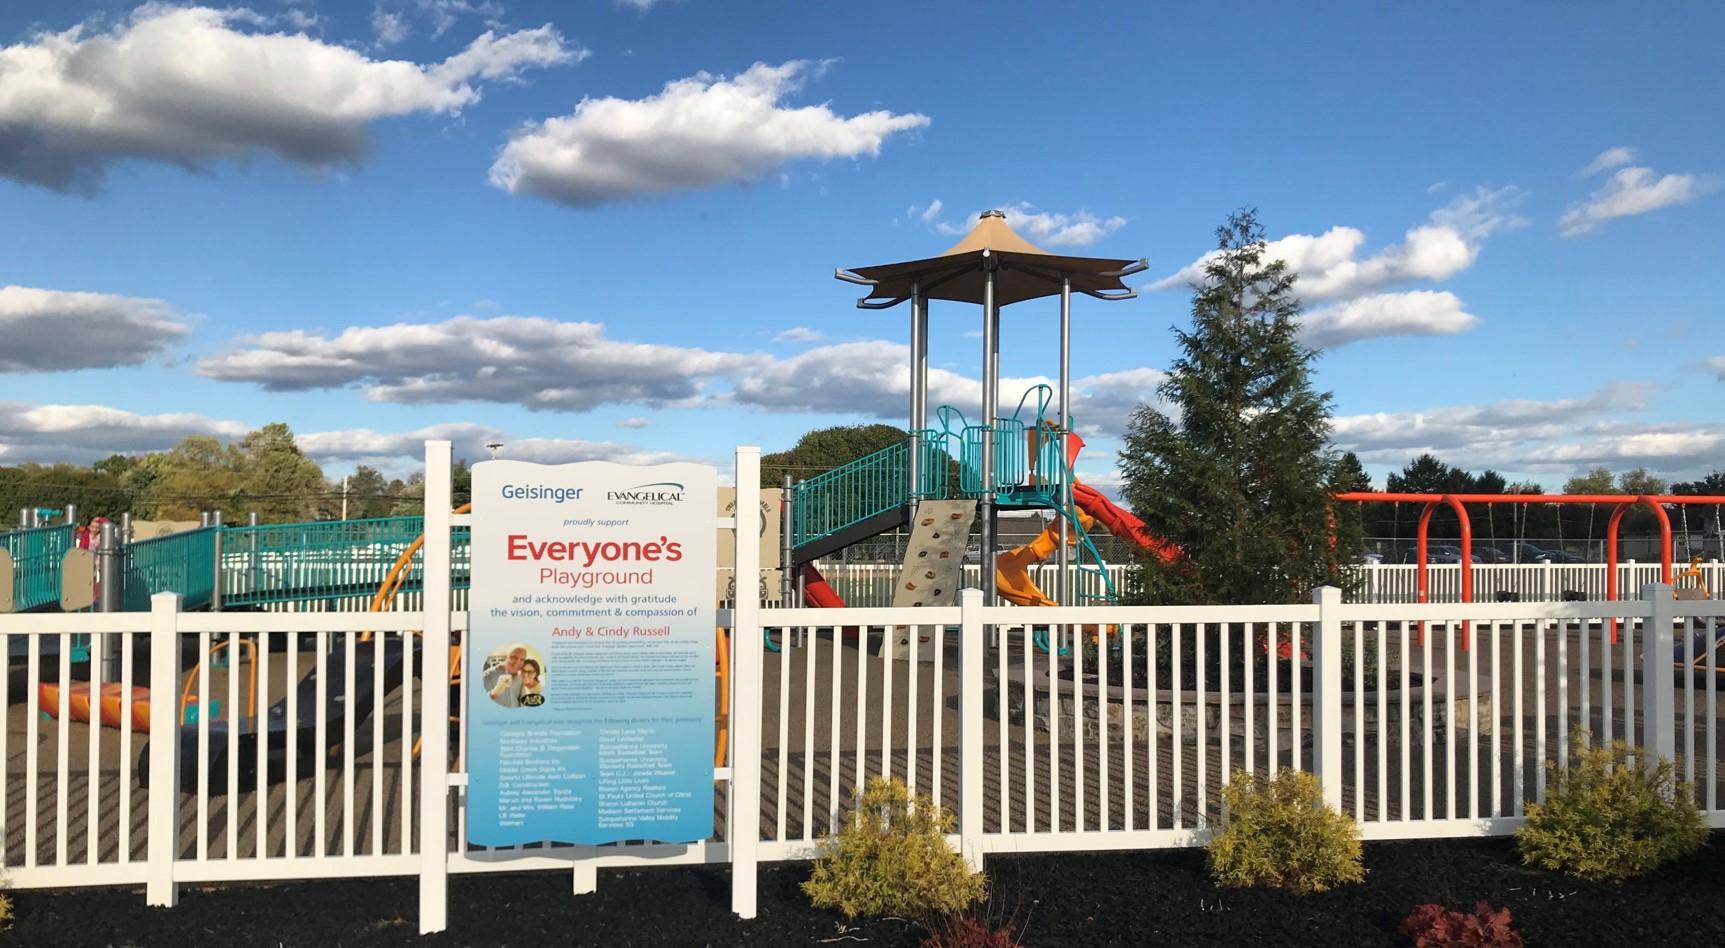 Everyone's Playground, Penn Township